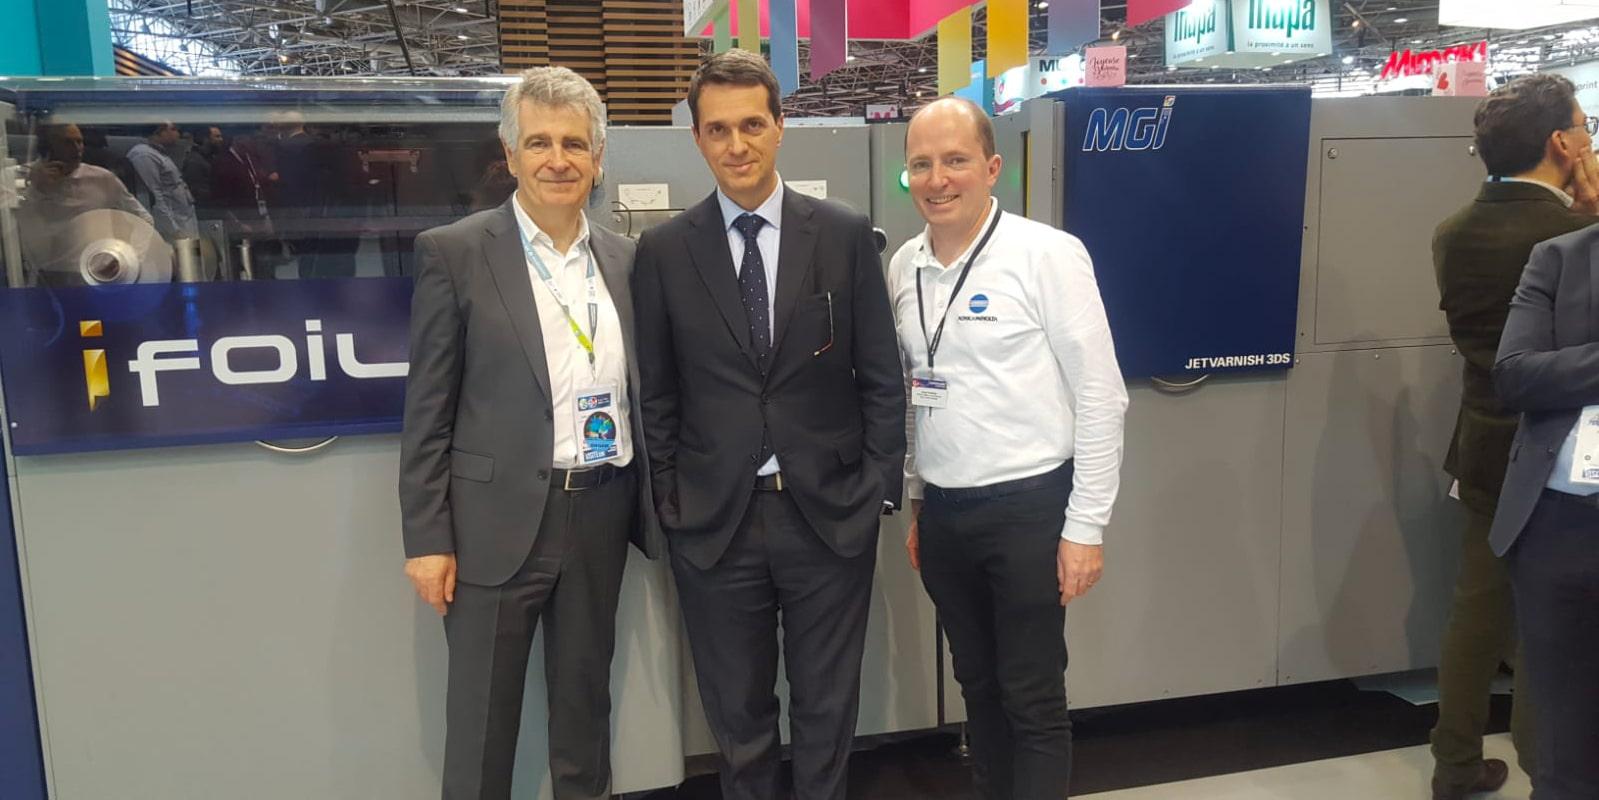 La Nouvelle Imprimerie Laballery, spécialiste du livre, s'est équipée du système d'embellissement numérique d'imprimés JETvarnish 3DS de MGI Digital Technology.